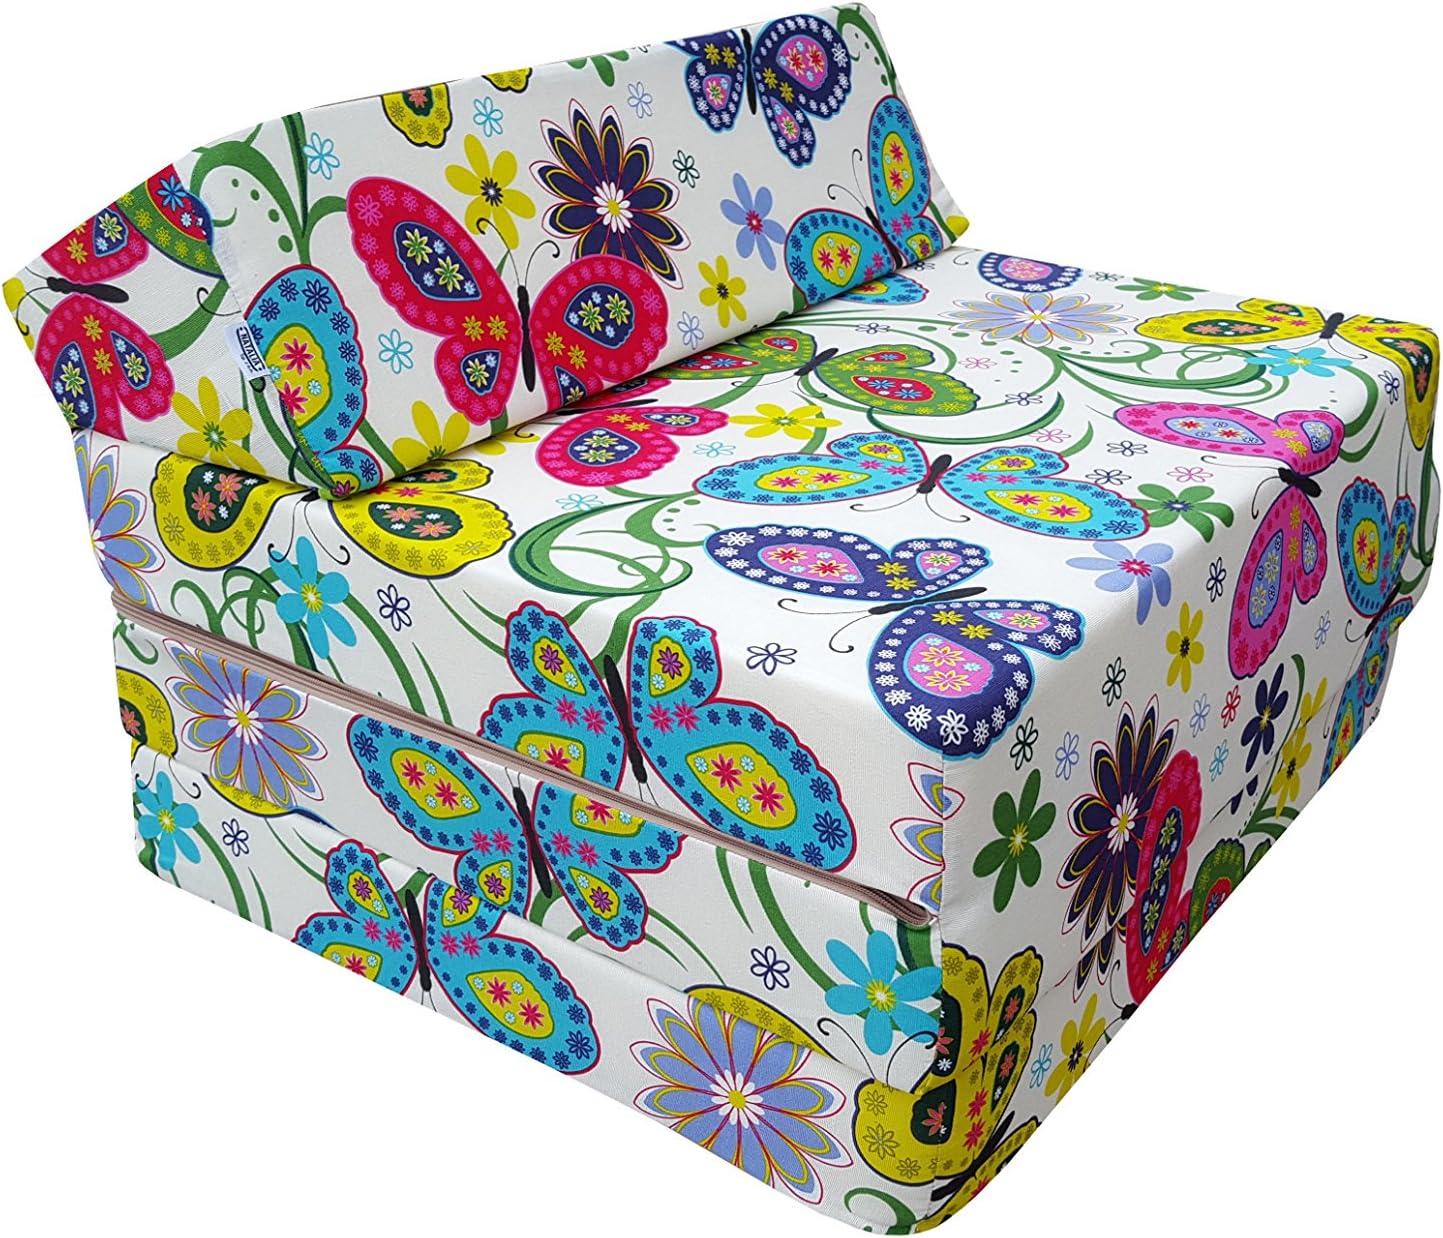 Colchón plegable, cama de invitados, colchón de espuma 200x70 cm (Garden)